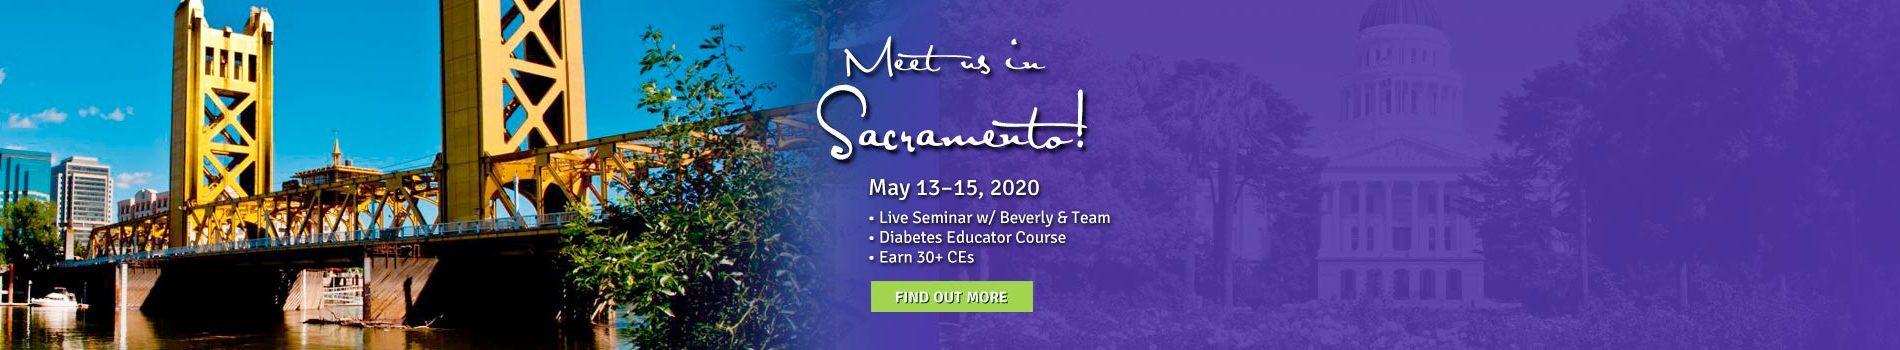 Sacramento 2020